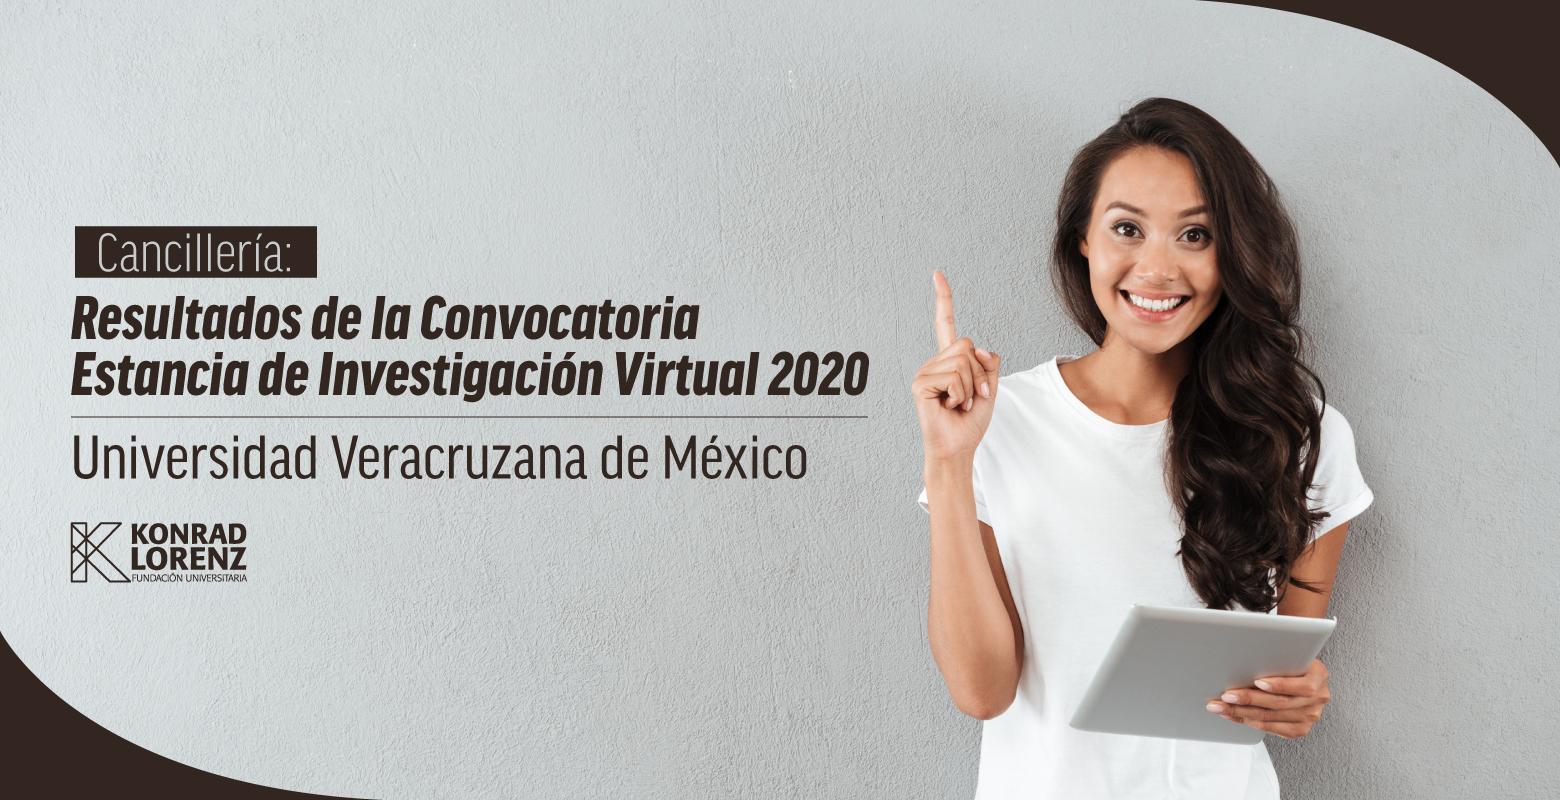 Cancillería: Resultados de la Convocatoria Estancia de Investigación Virtual 2020, Universidad Veracruzana de México